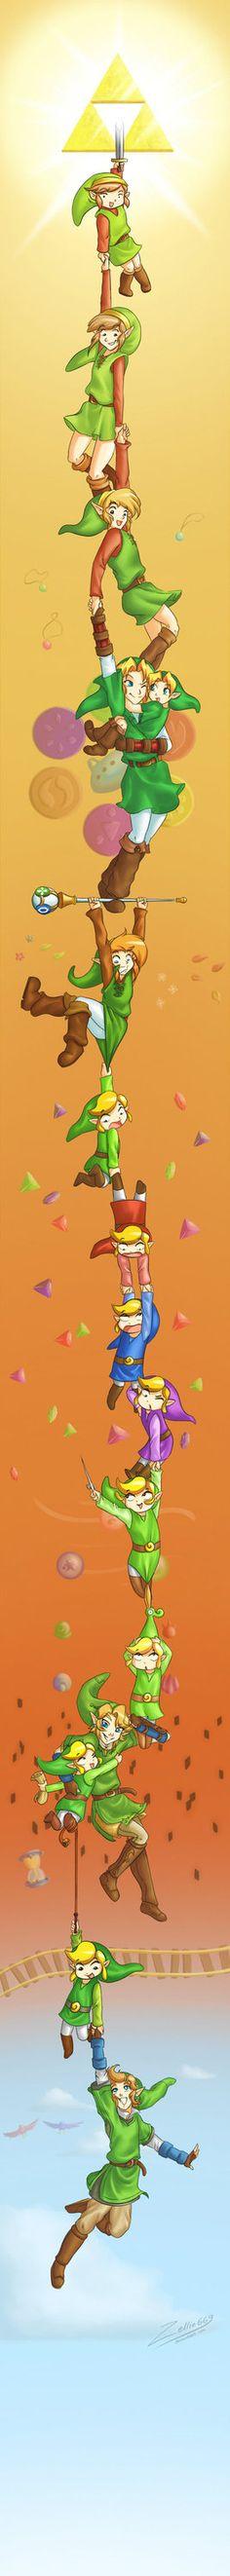 Epic Zelda Generations